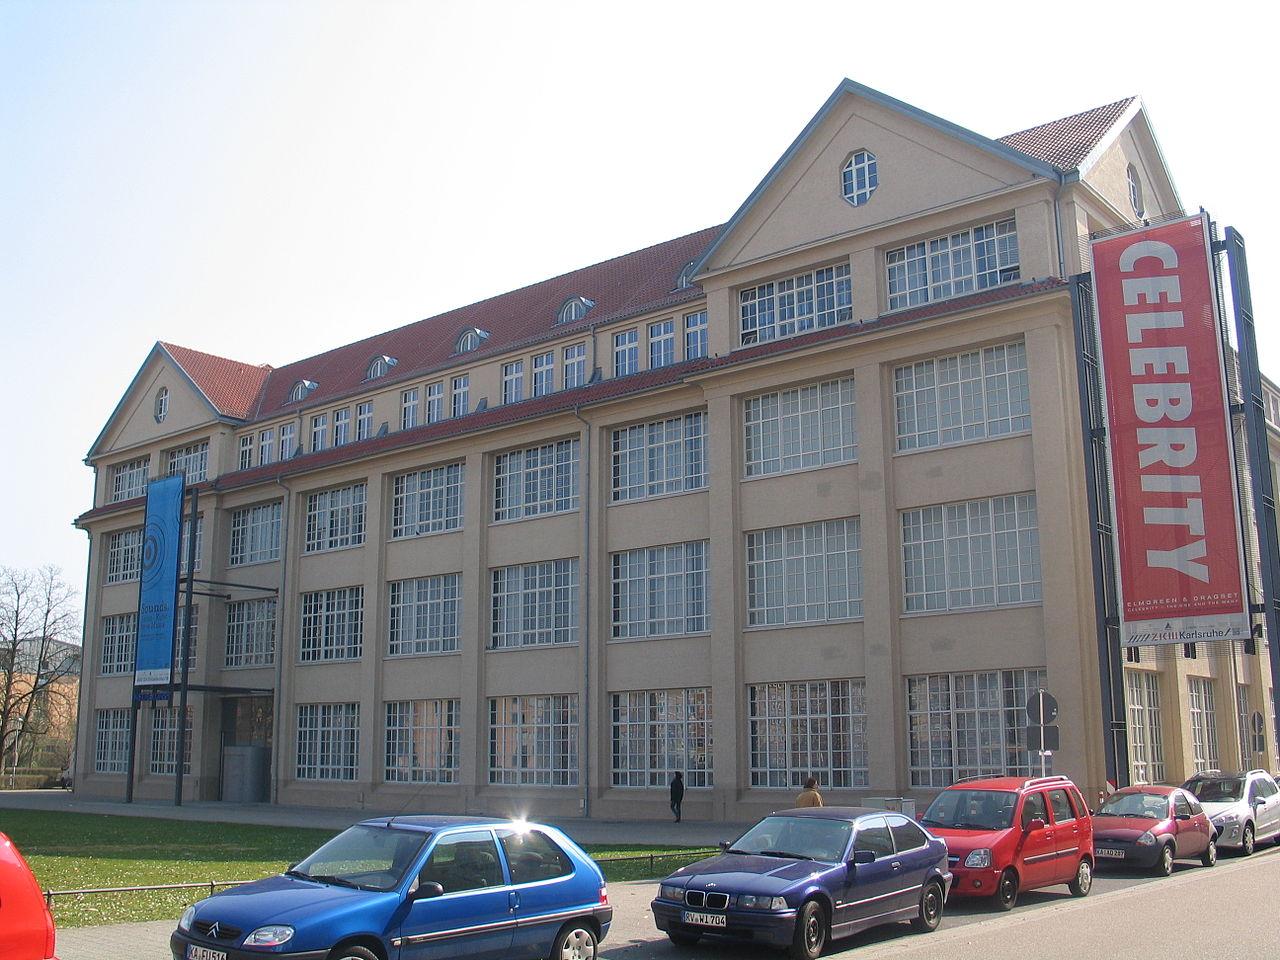 Bild Museum für Neue Kunst Karlsruhe